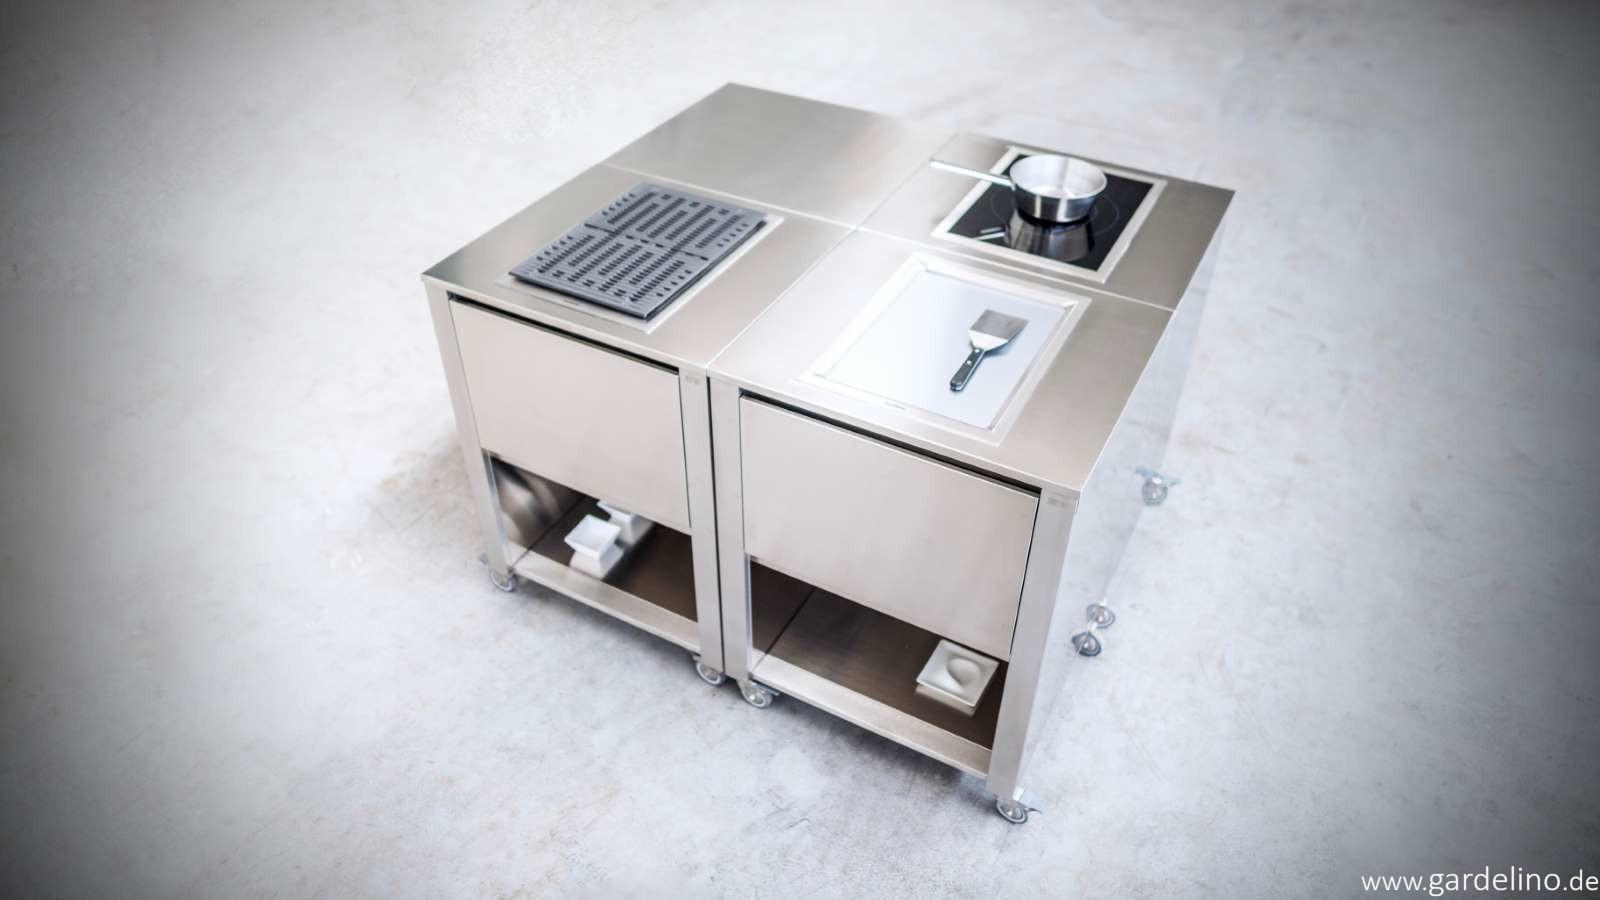 Full Size of Mobile Outdoorküche Outdoorkche Cun Von Jokodomus System Küche Wohnzimmer Mobile Outdoorküche